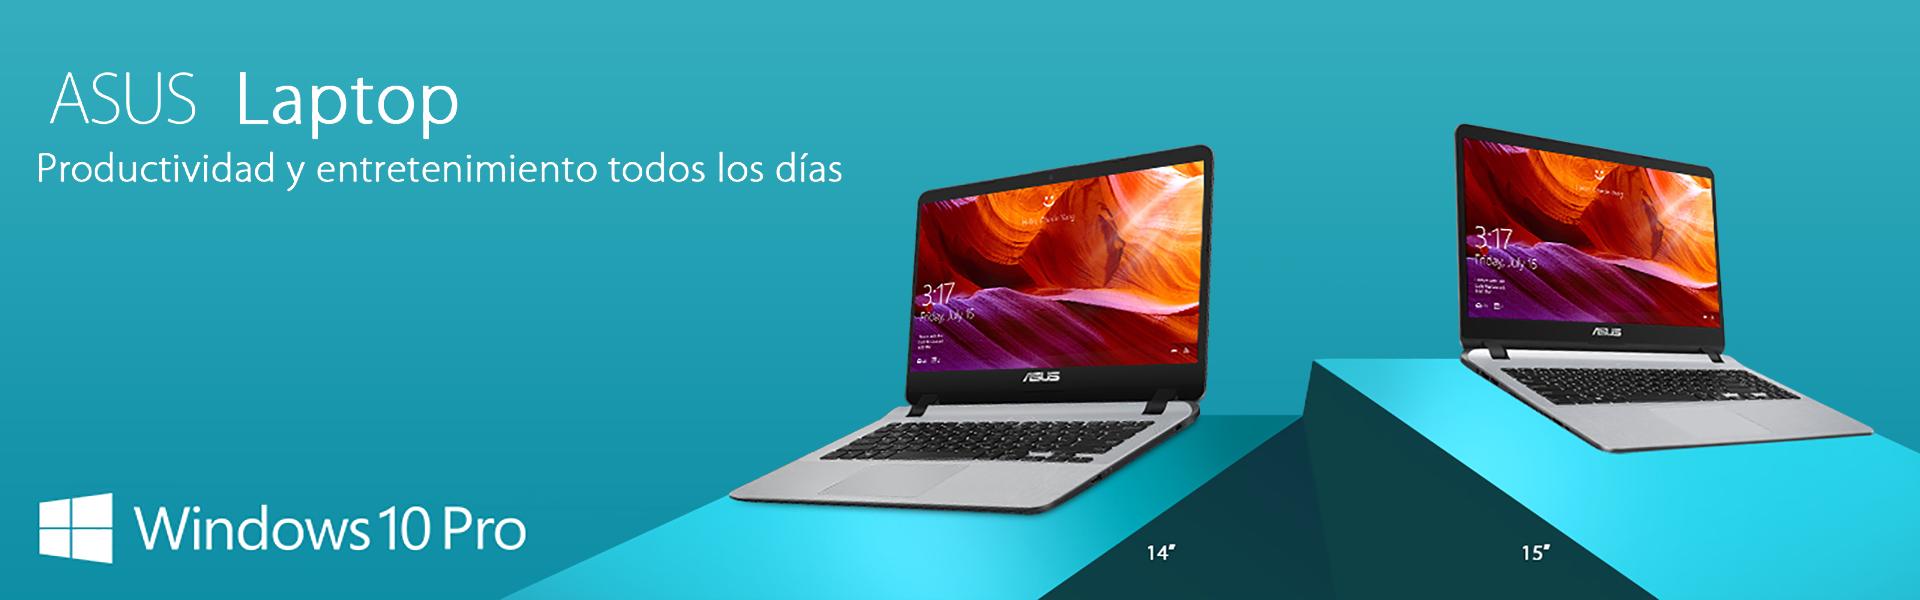 Banner Asus laptop